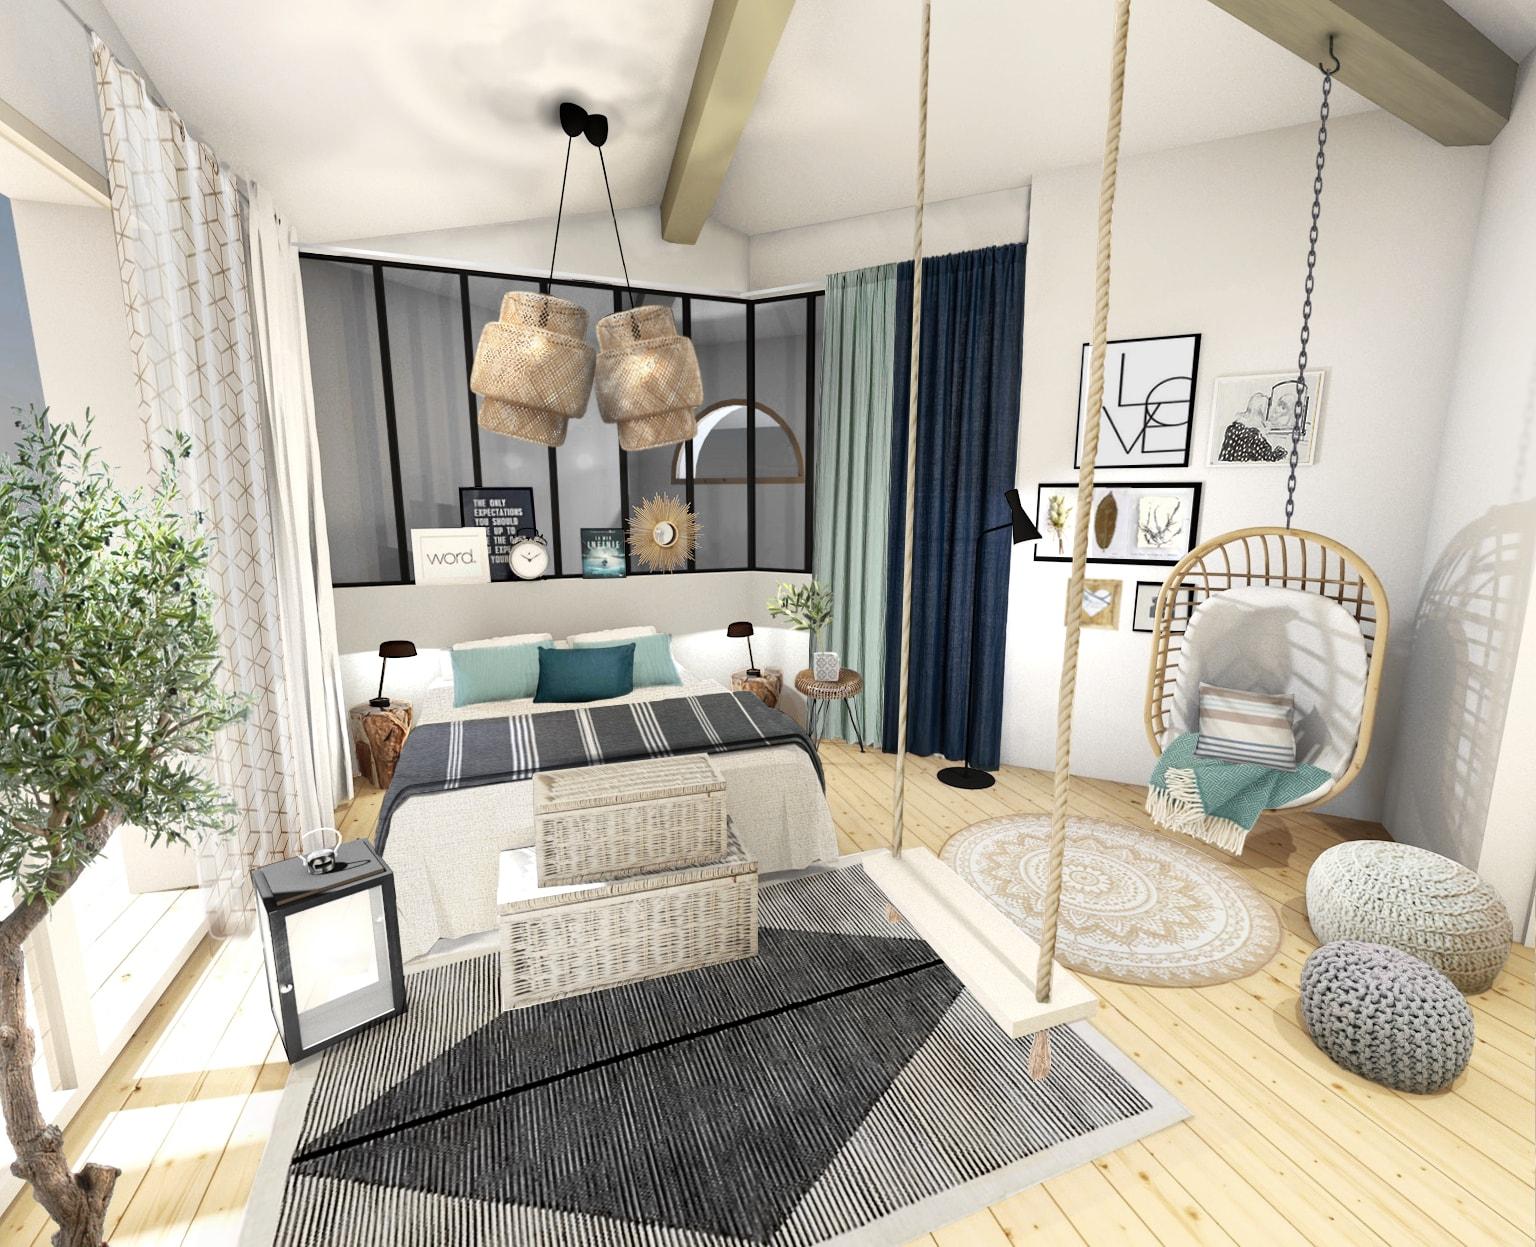 Une belle chambre à l'esprit bord de mer chic